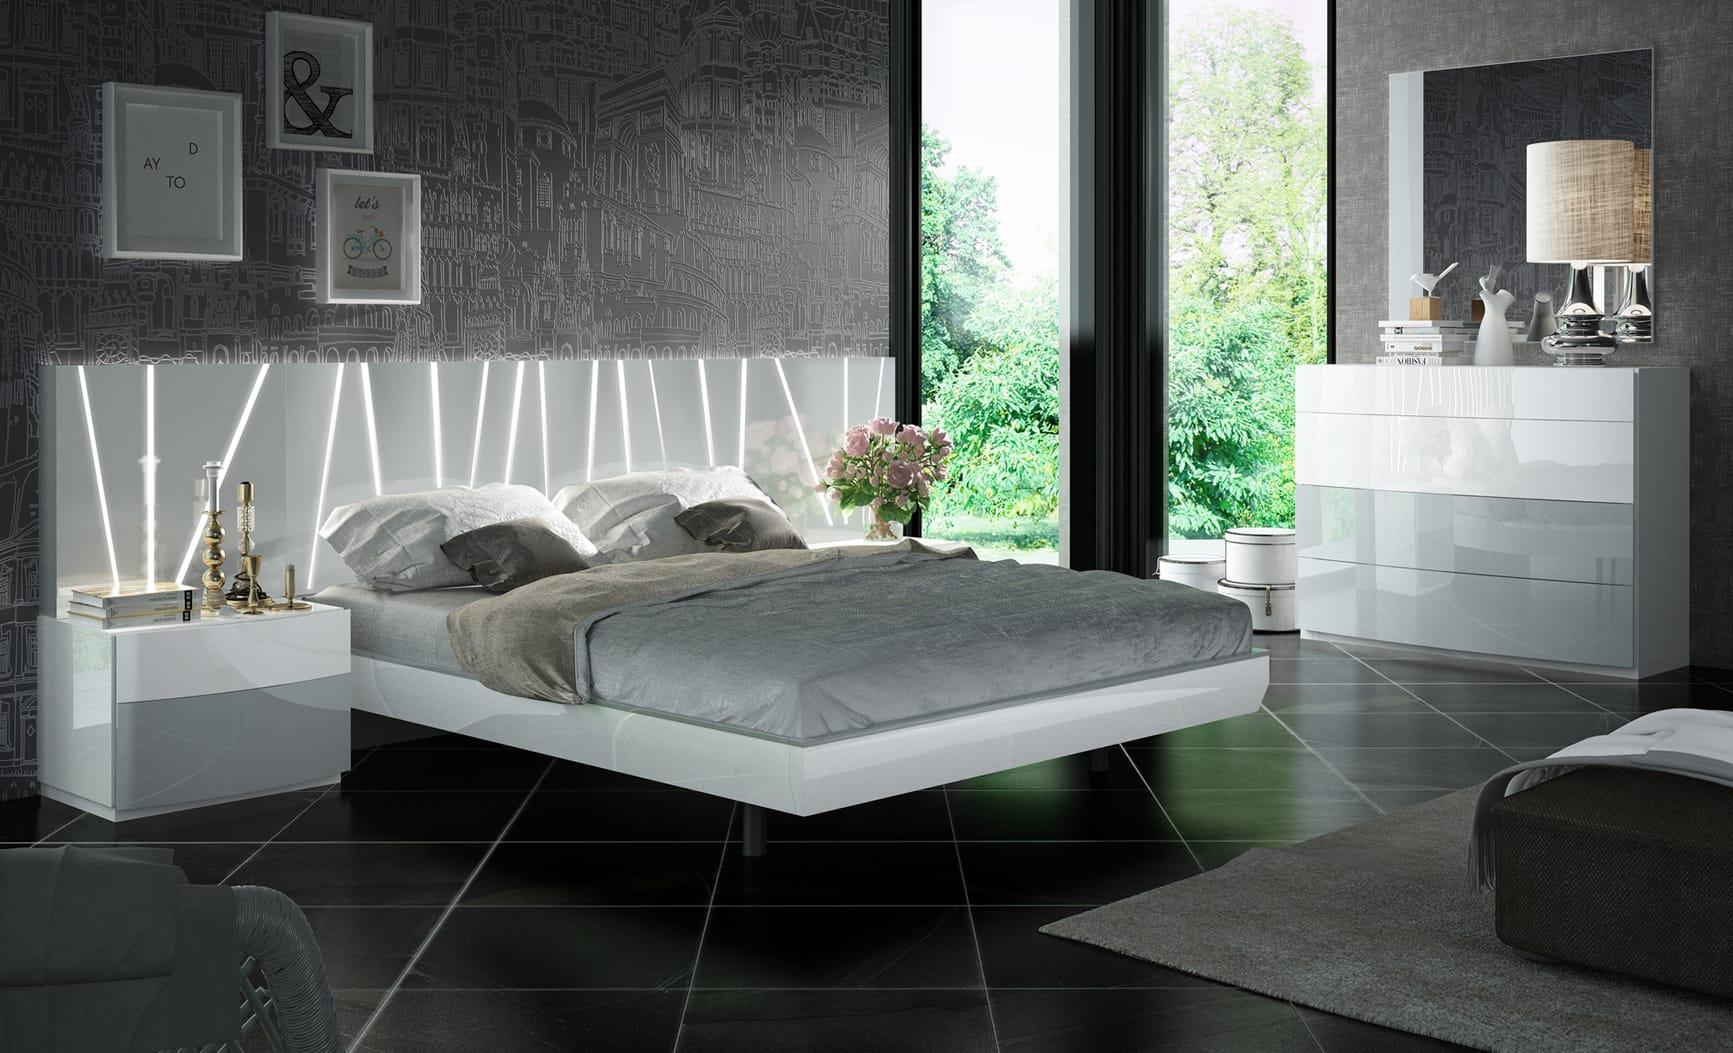 Ronda Salvador White Gray Bedroom Set By Esf